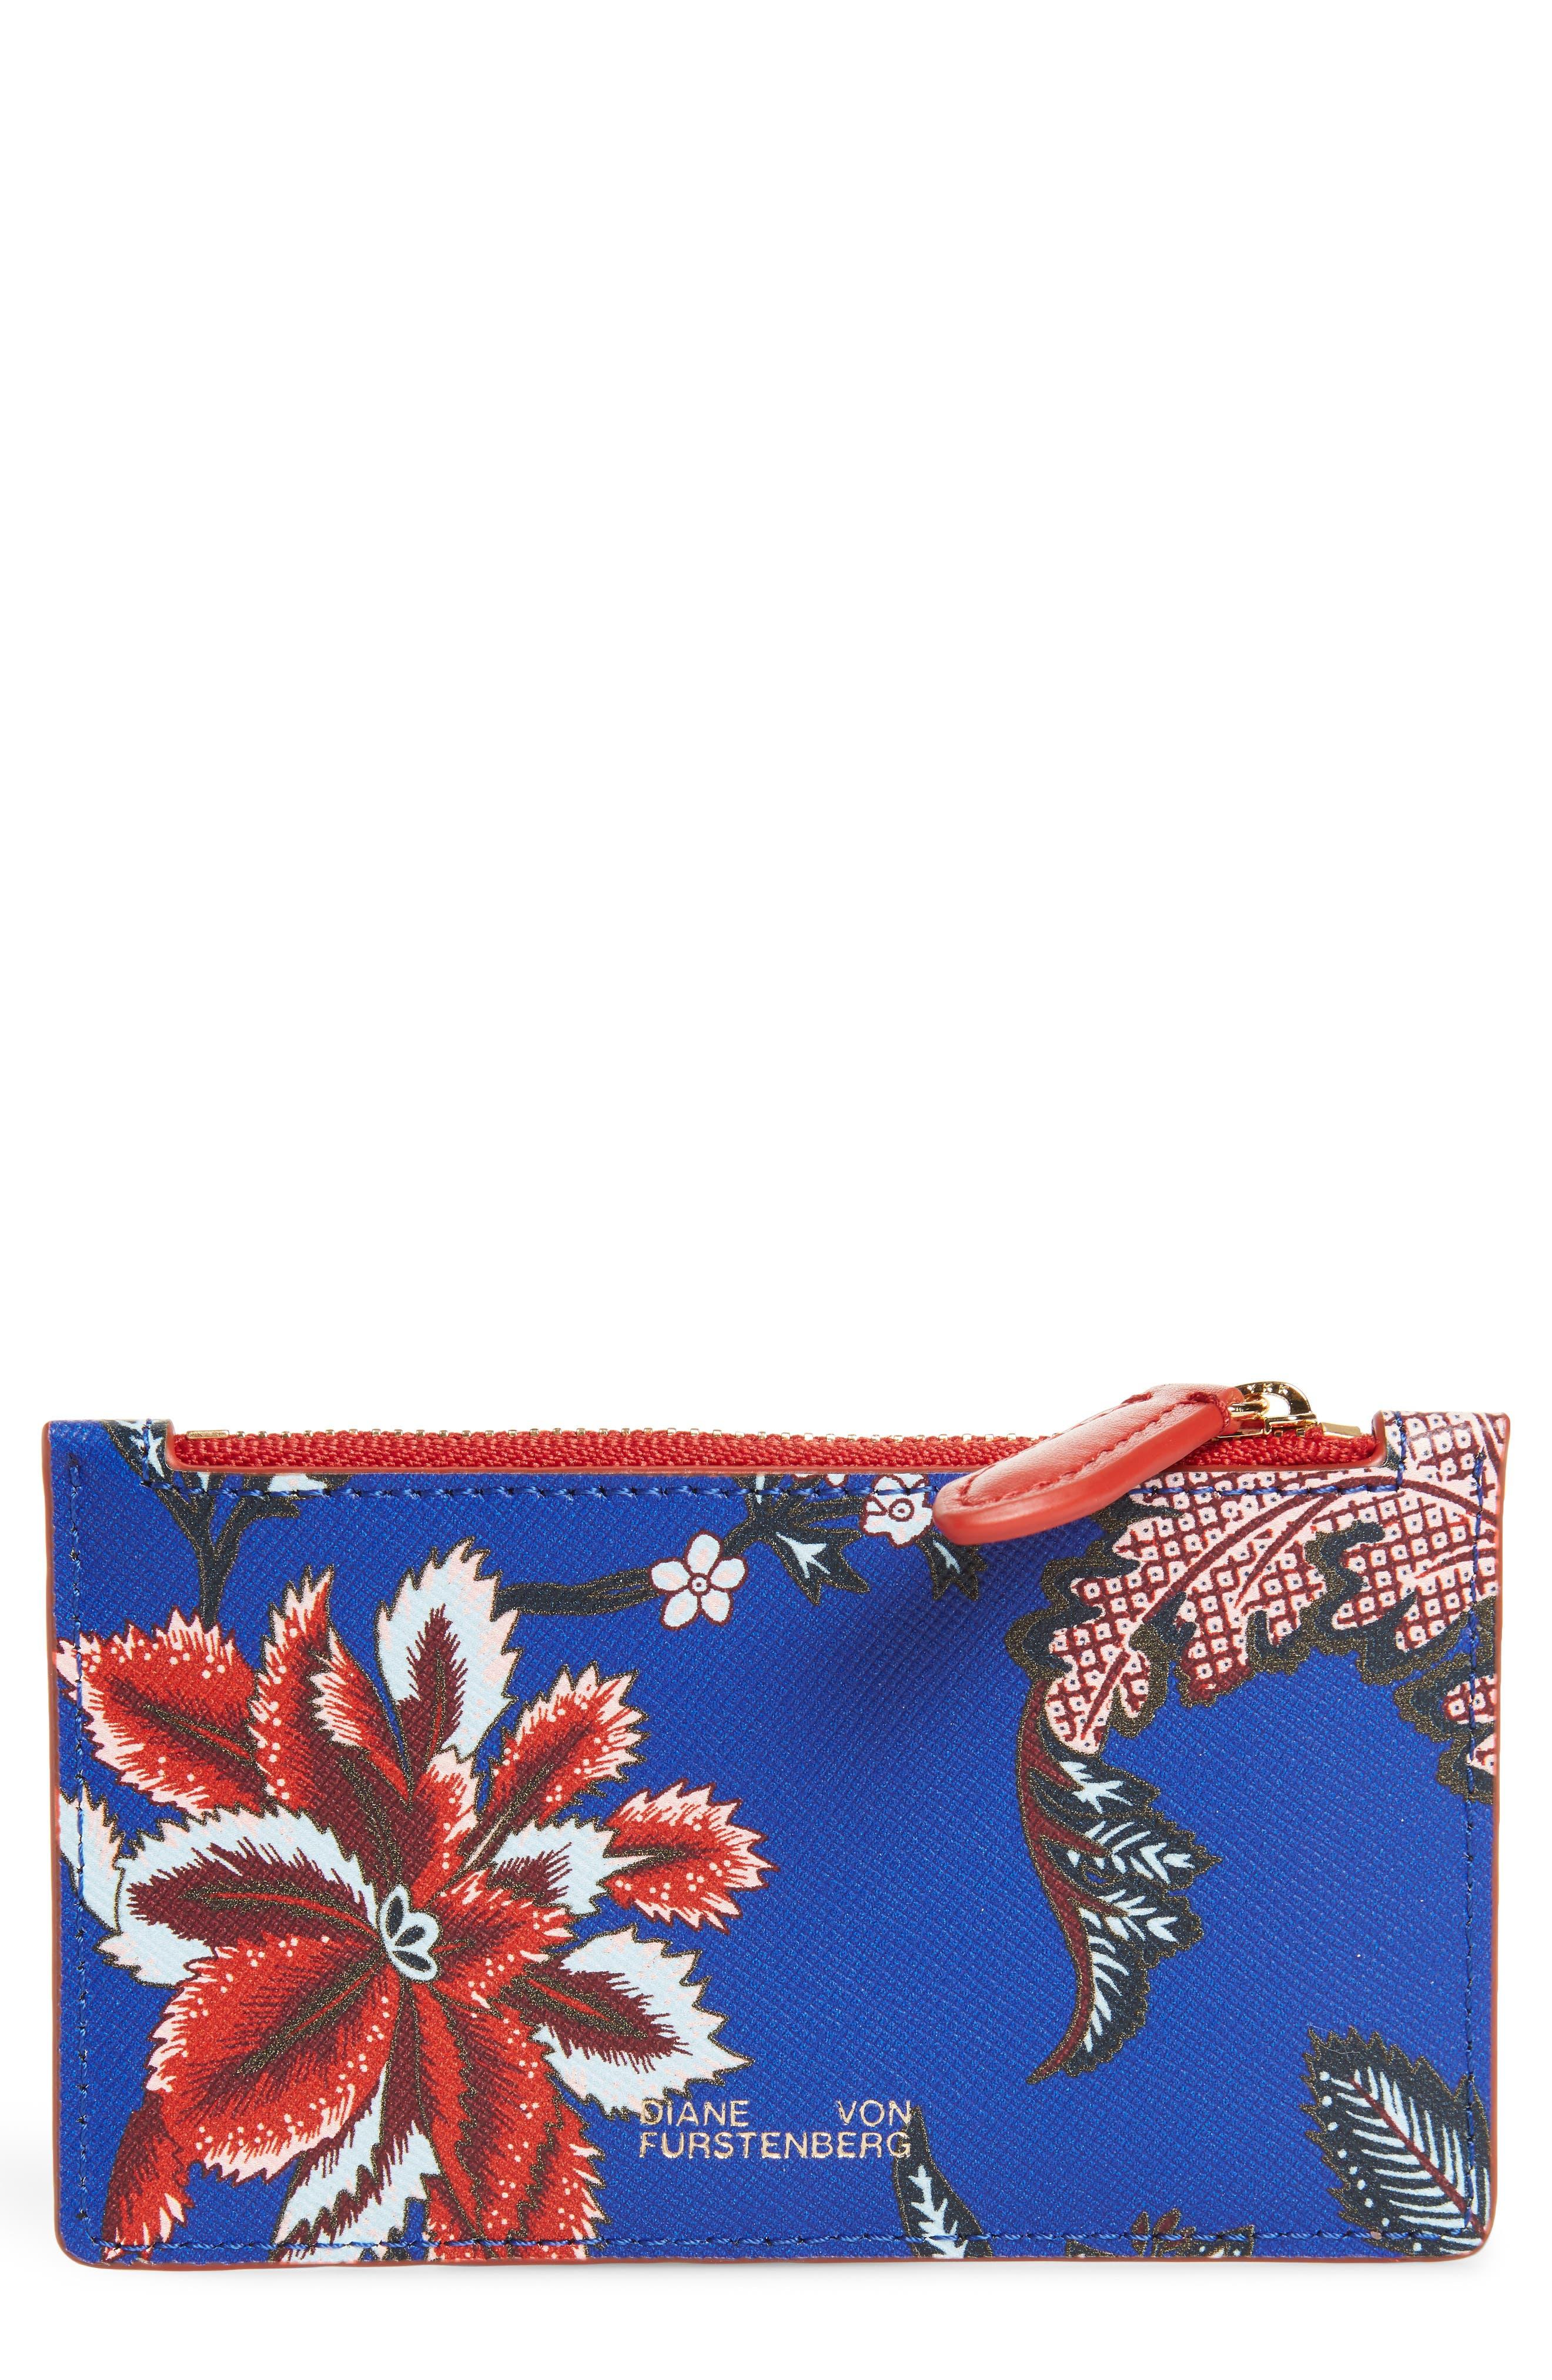 Main Image - Diane von Furstenberg Leather Card Case